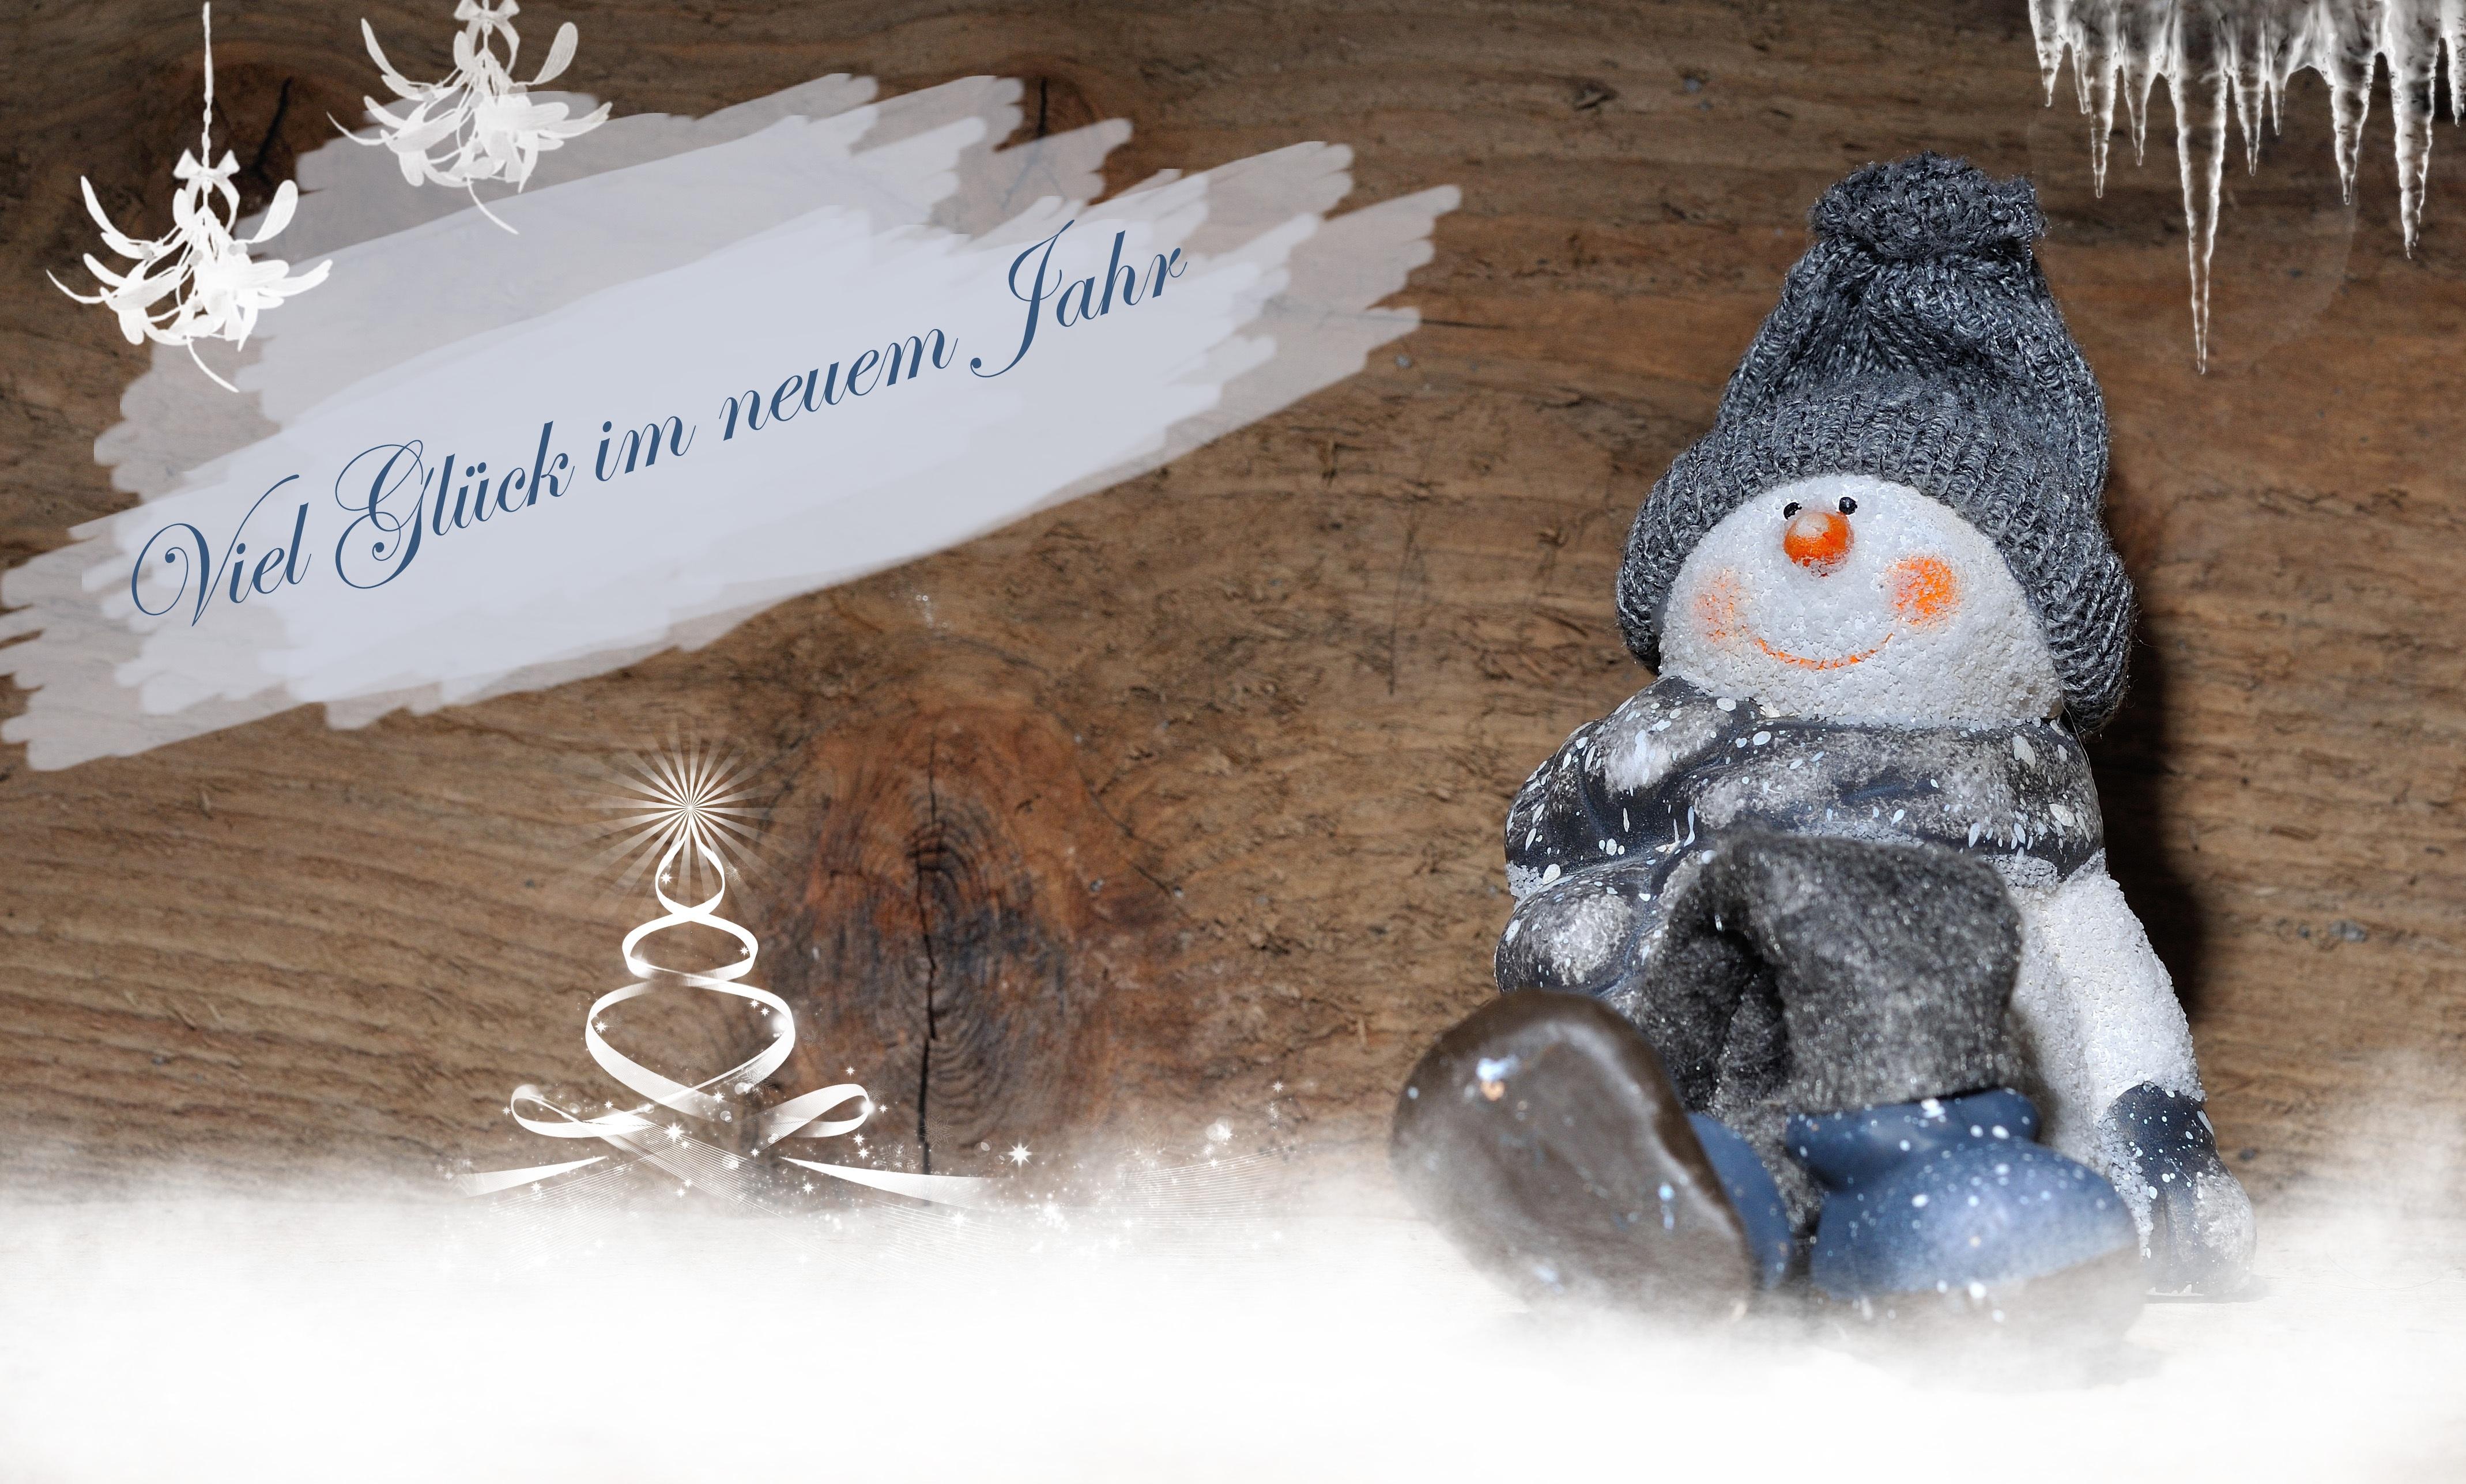 Descargar Felicitaciones De Navidad Y Ano Nuevo Gratis.Fotos Gratis Invierno Madera Blanco Azul Navidad